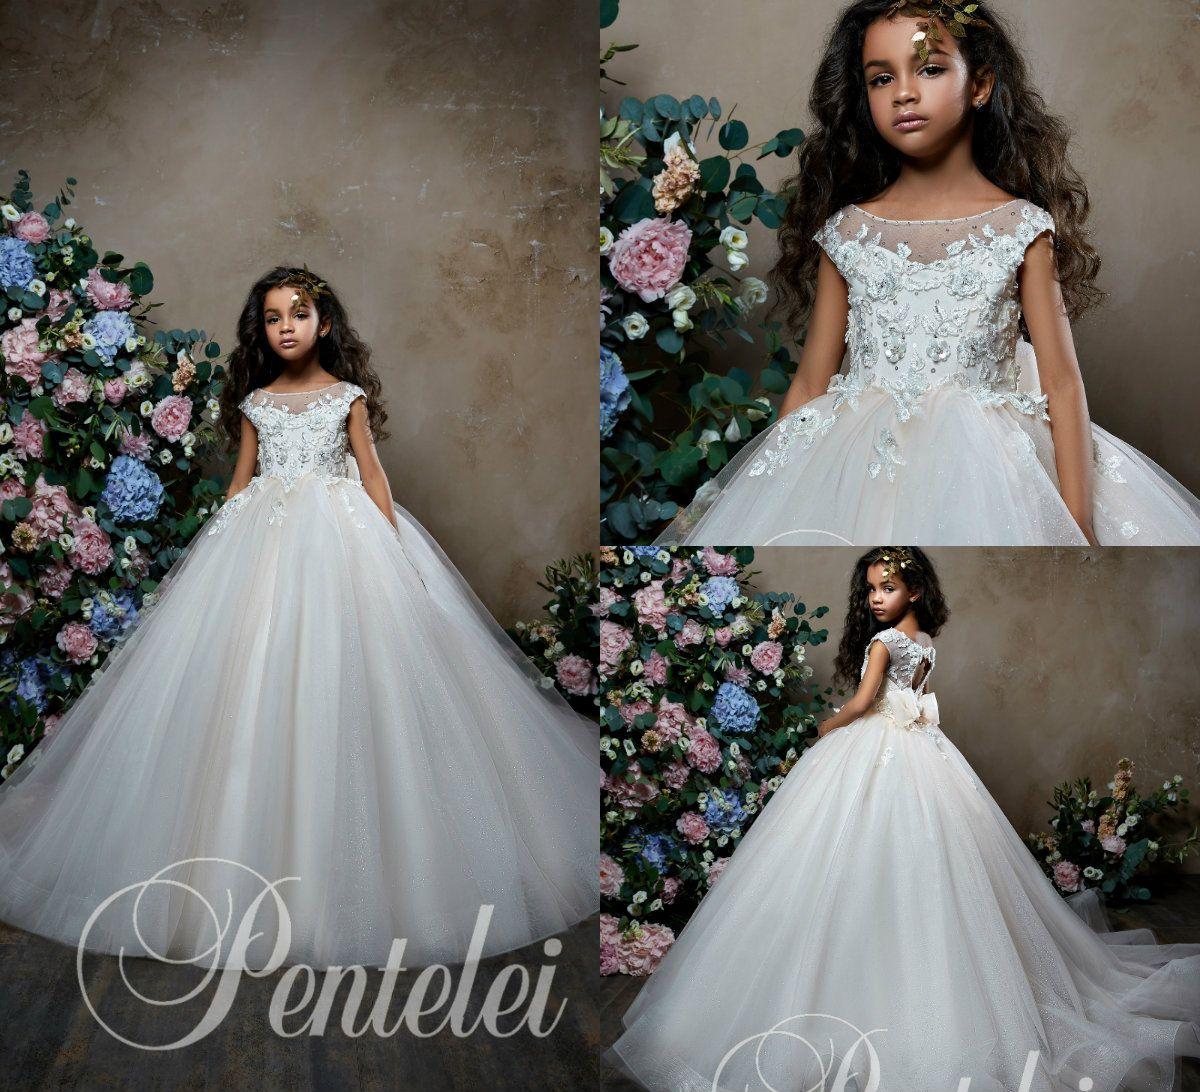 Pentelei 2019 de bola del vestido vestidos de niña para las bodas Joya Applqiues florales de encaje vestido del desfile de las muchachas 3D cuello con arco apliques de perlas